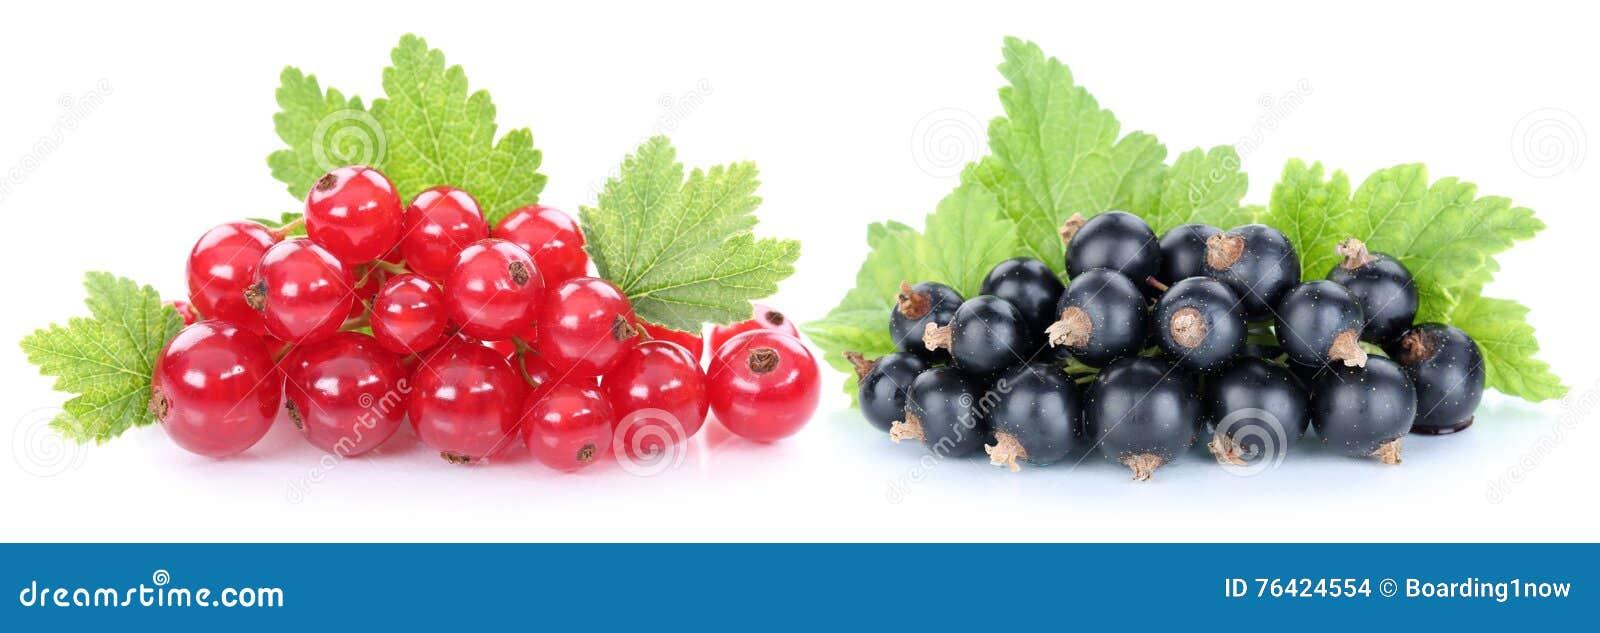 红色和黑醋栗无核小葡萄干莓果结果实隔绝